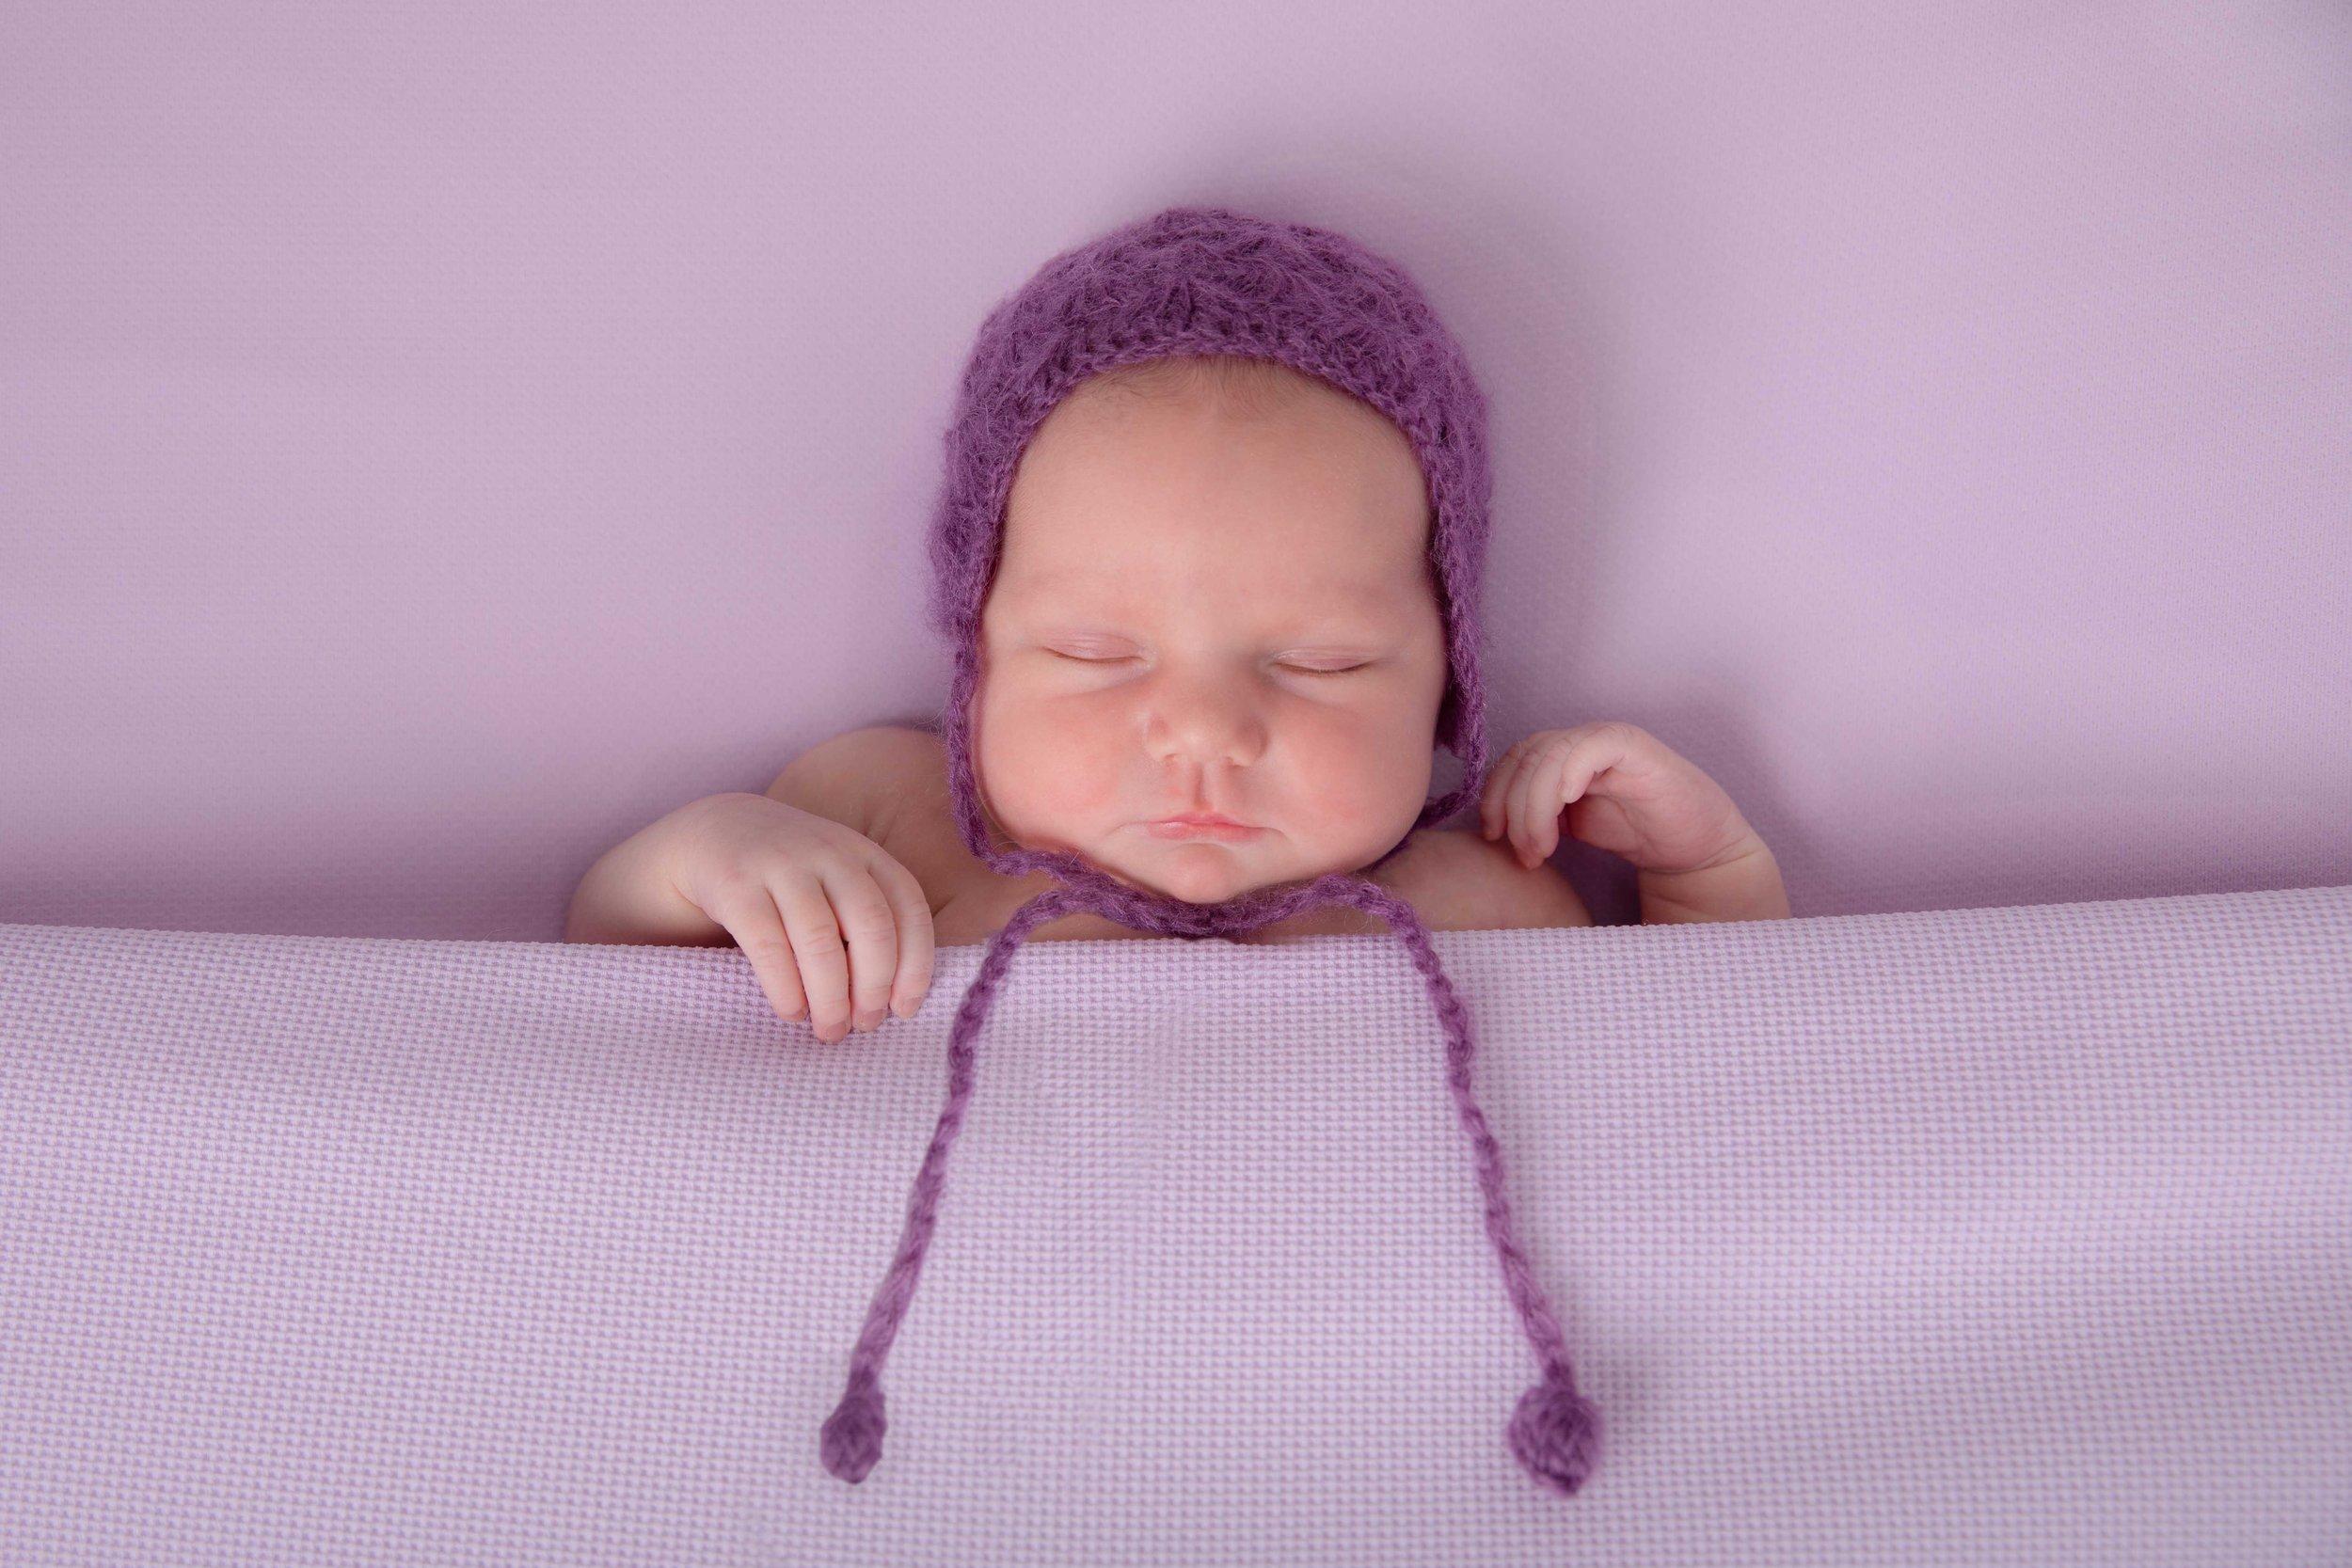 Newborn photography, Dulwich SE21, London